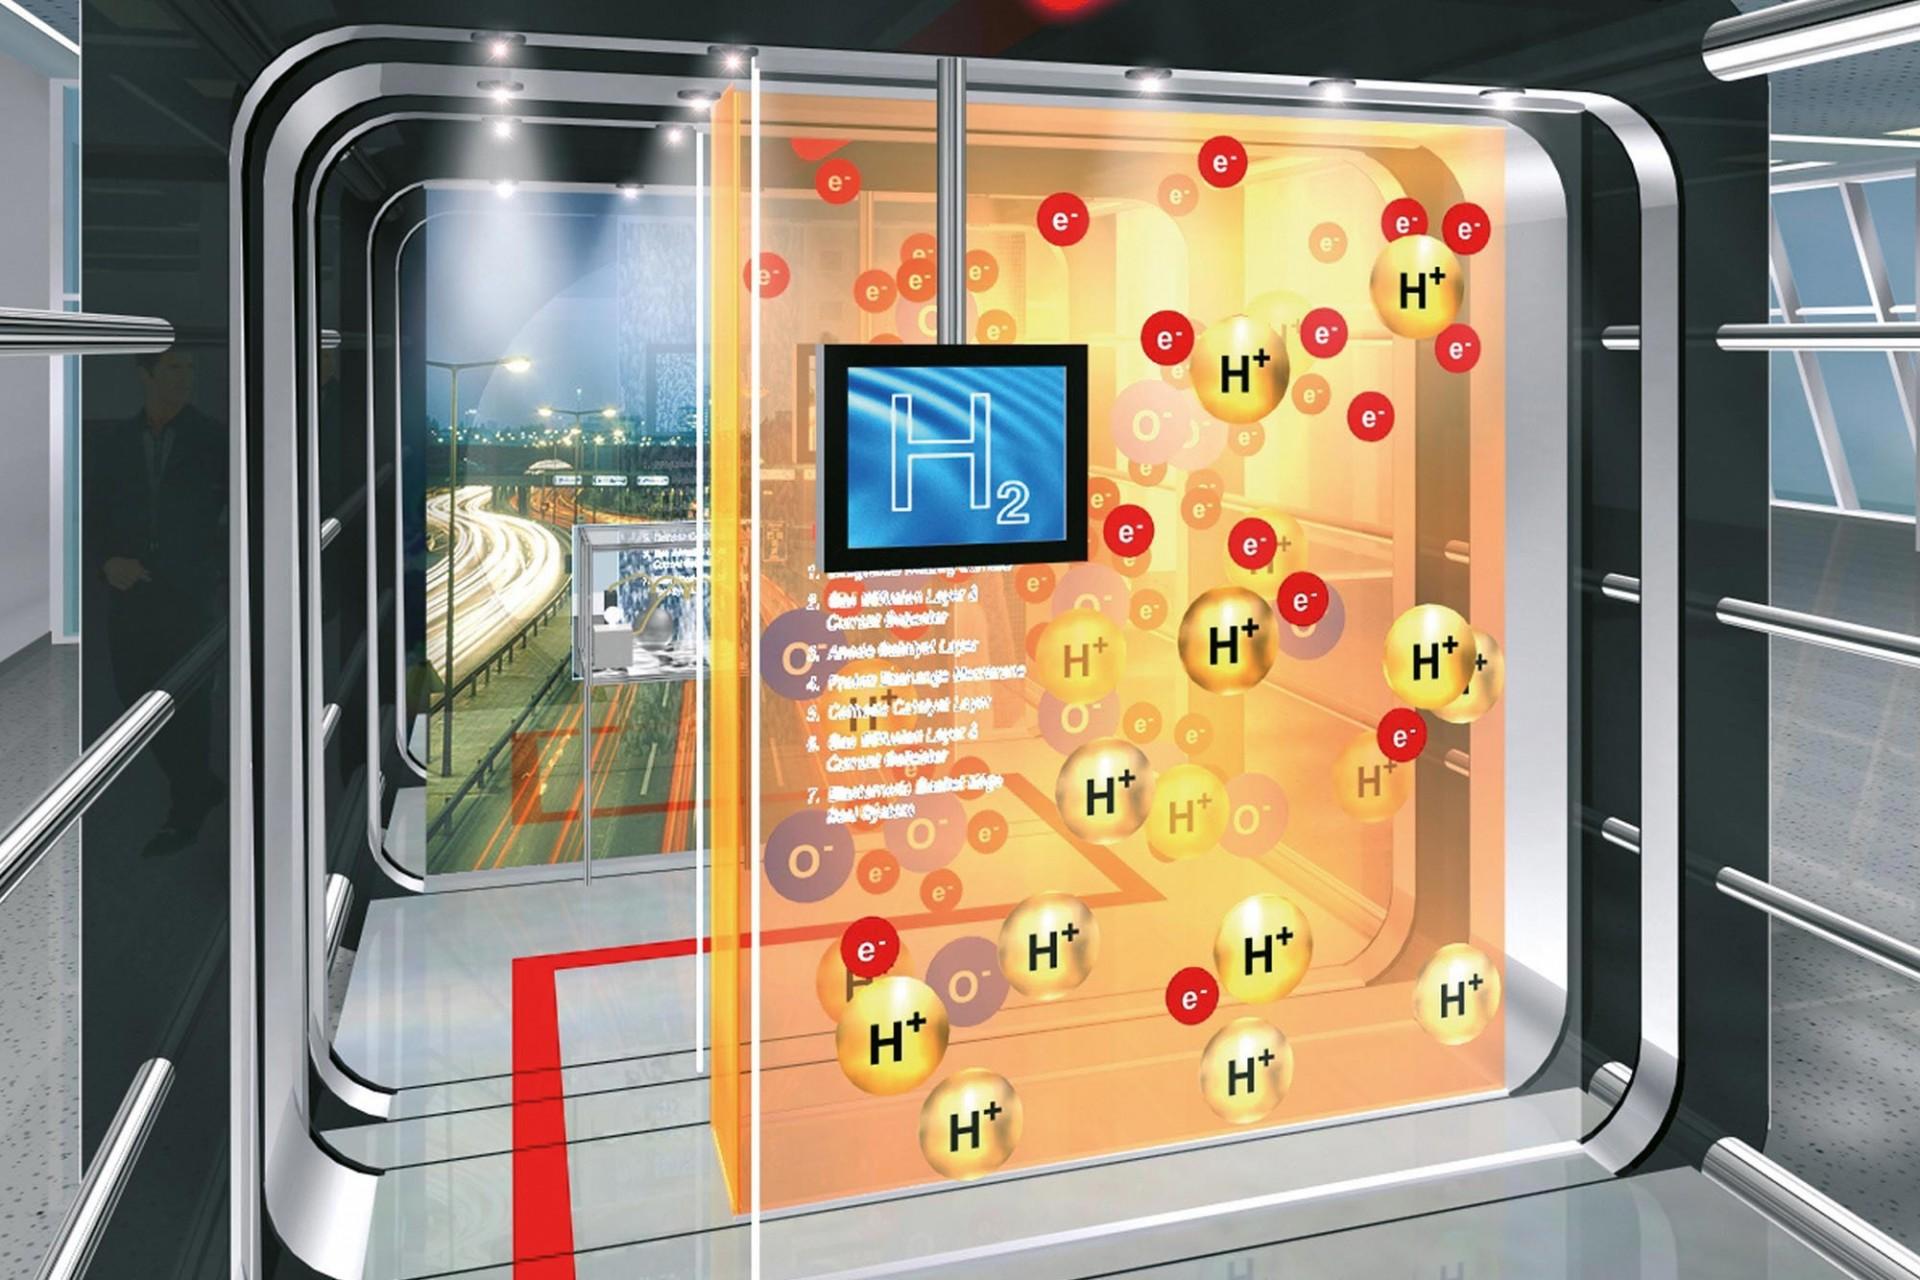 Gestaltanstalt Wanderausstellung Brennstoffzelle